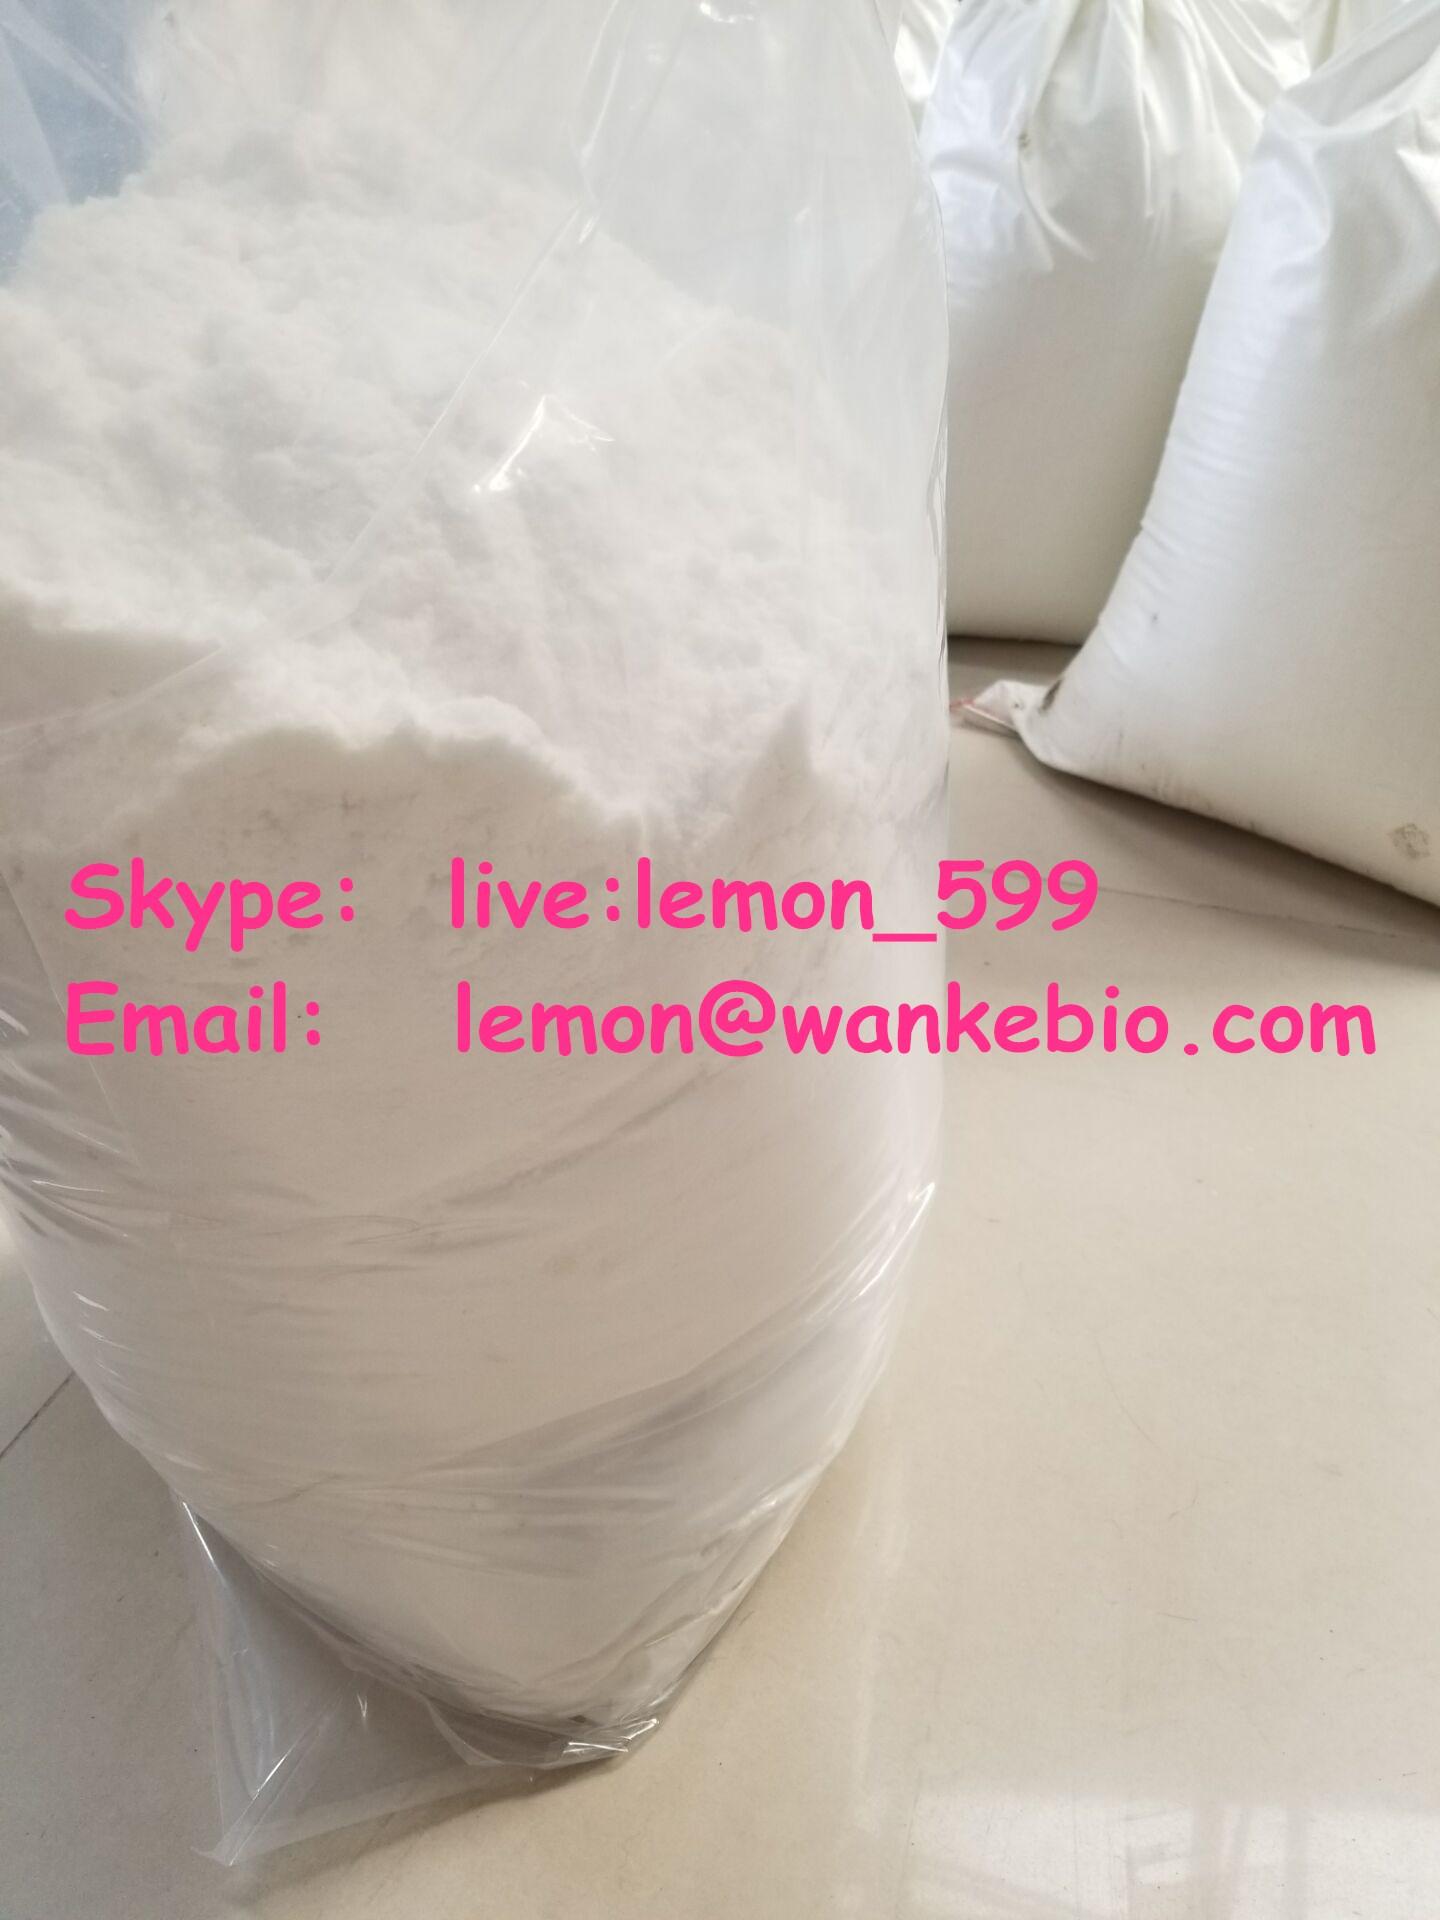 BMK 99% CAS No.4433-77-6 3-oxo-2-phenylbutanaMide CAS No.16648-44-5 bmk  lemon@wankebio.com